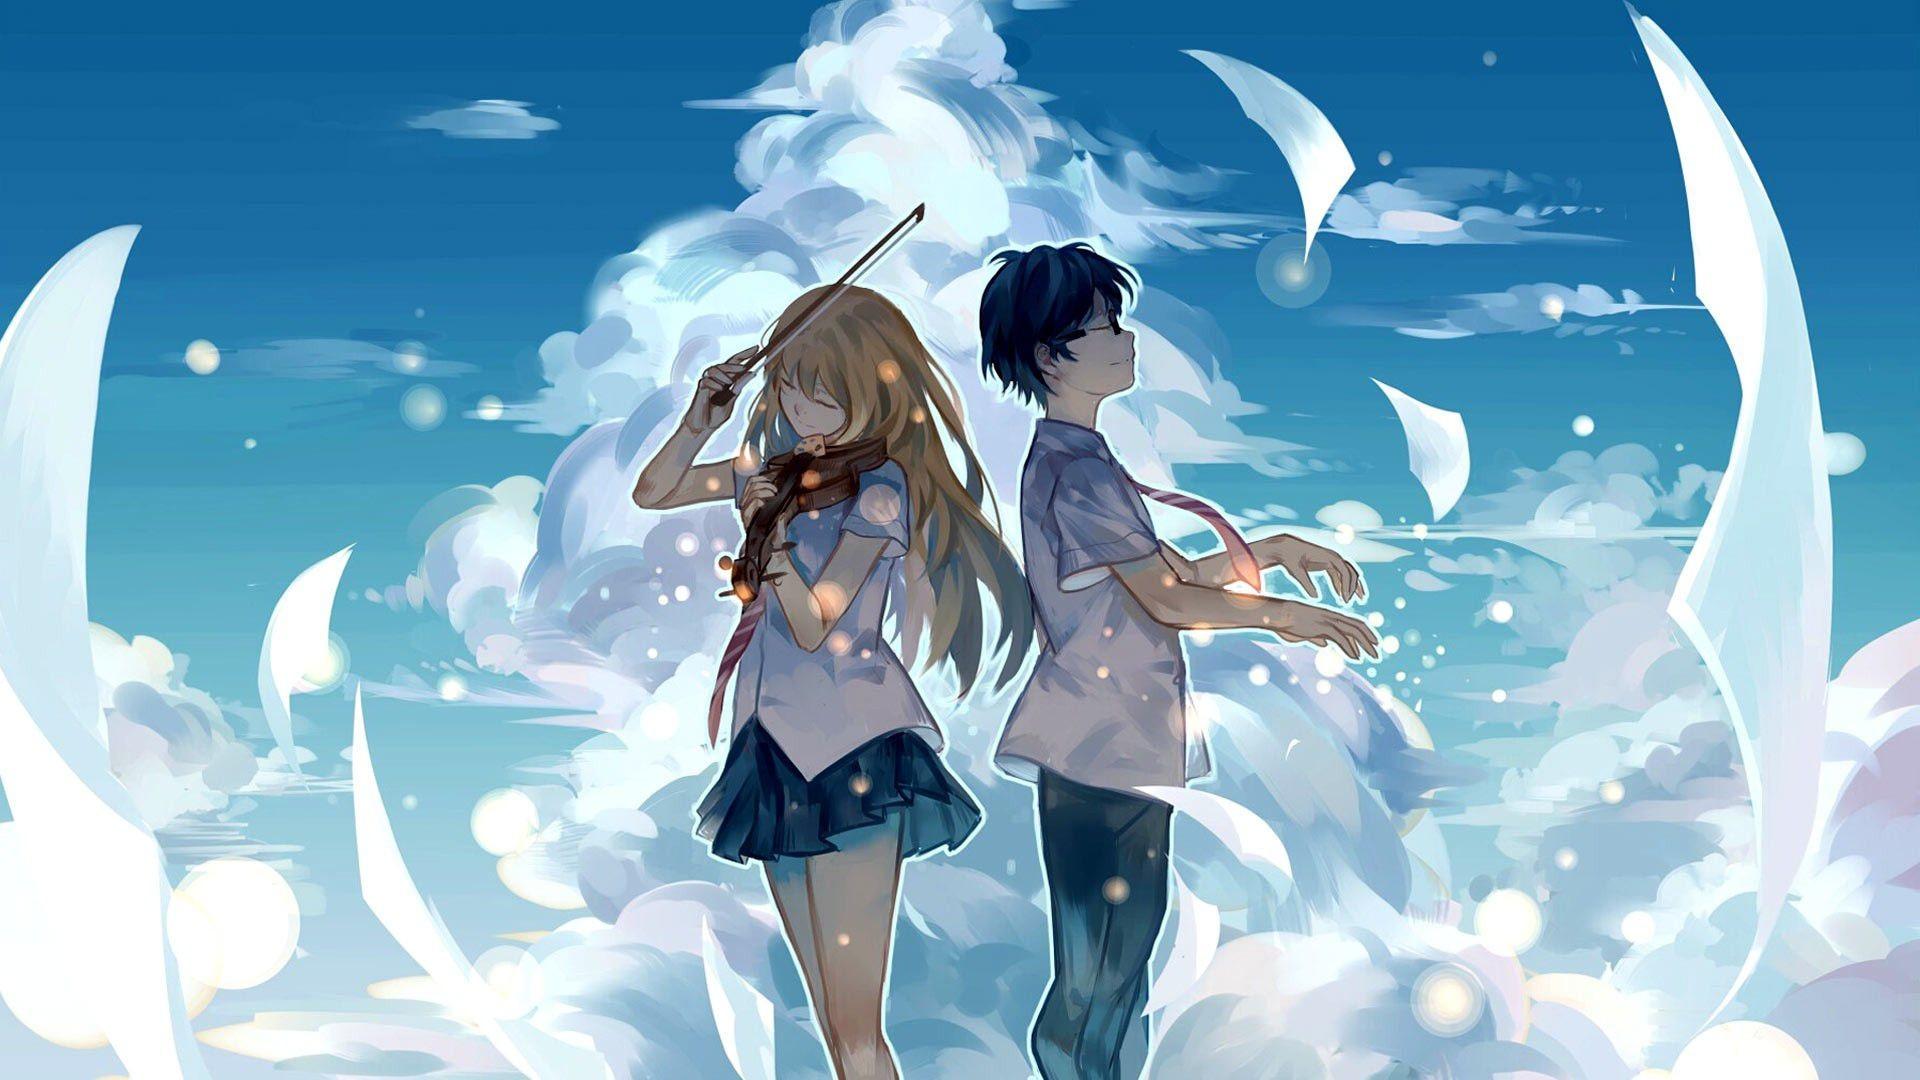 Ảnh đôi Anime siêu đẹp